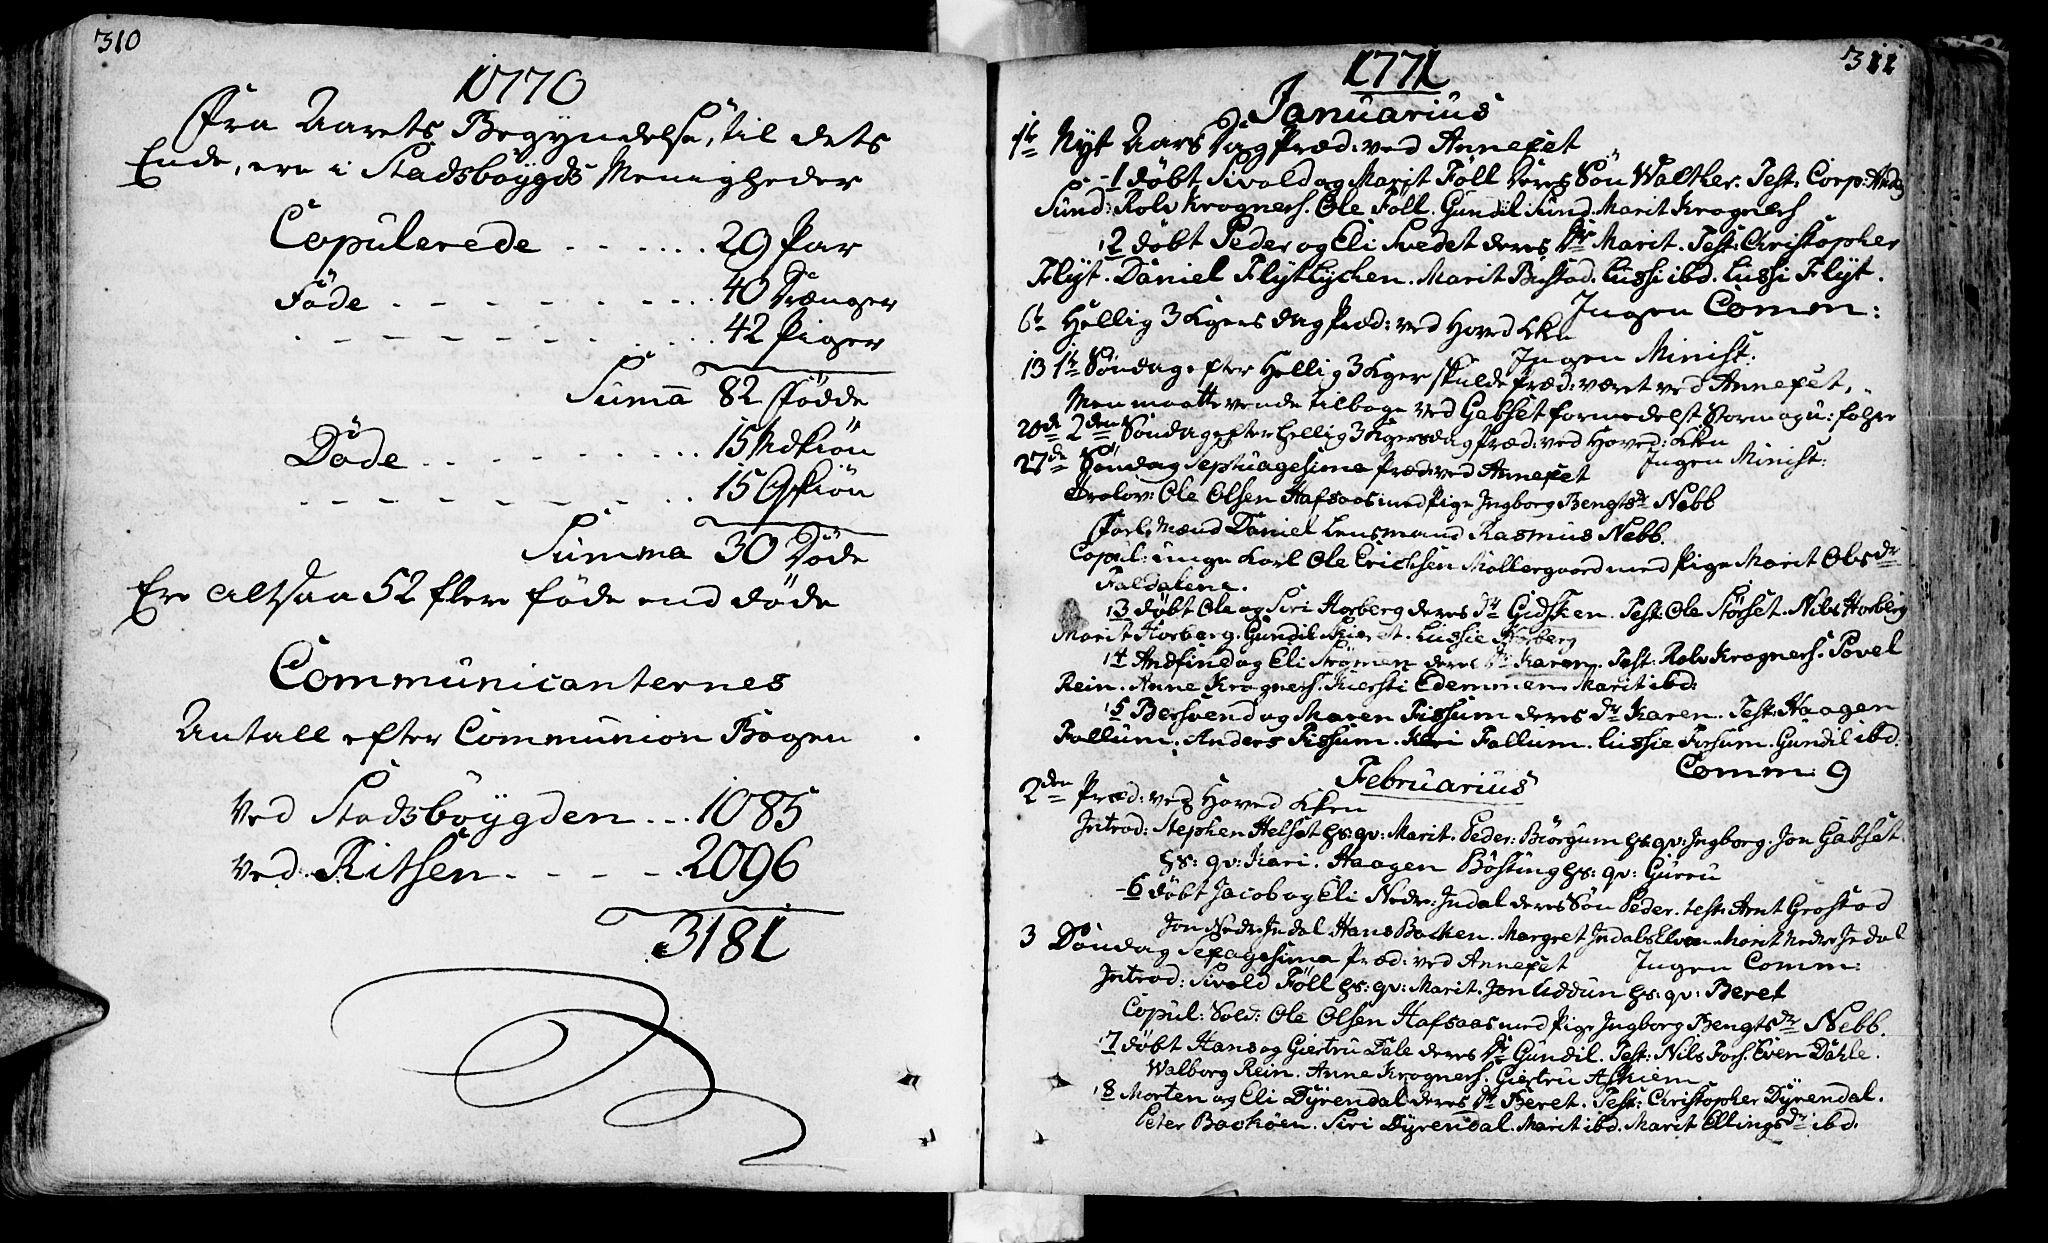 SAT, Ministerialprotokoller, klokkerbøker og fødselsregistre - Sør-Trøndelag, 646/L0605: Ministerialbok nr. 646A03, 1751-1790, s. 310-311